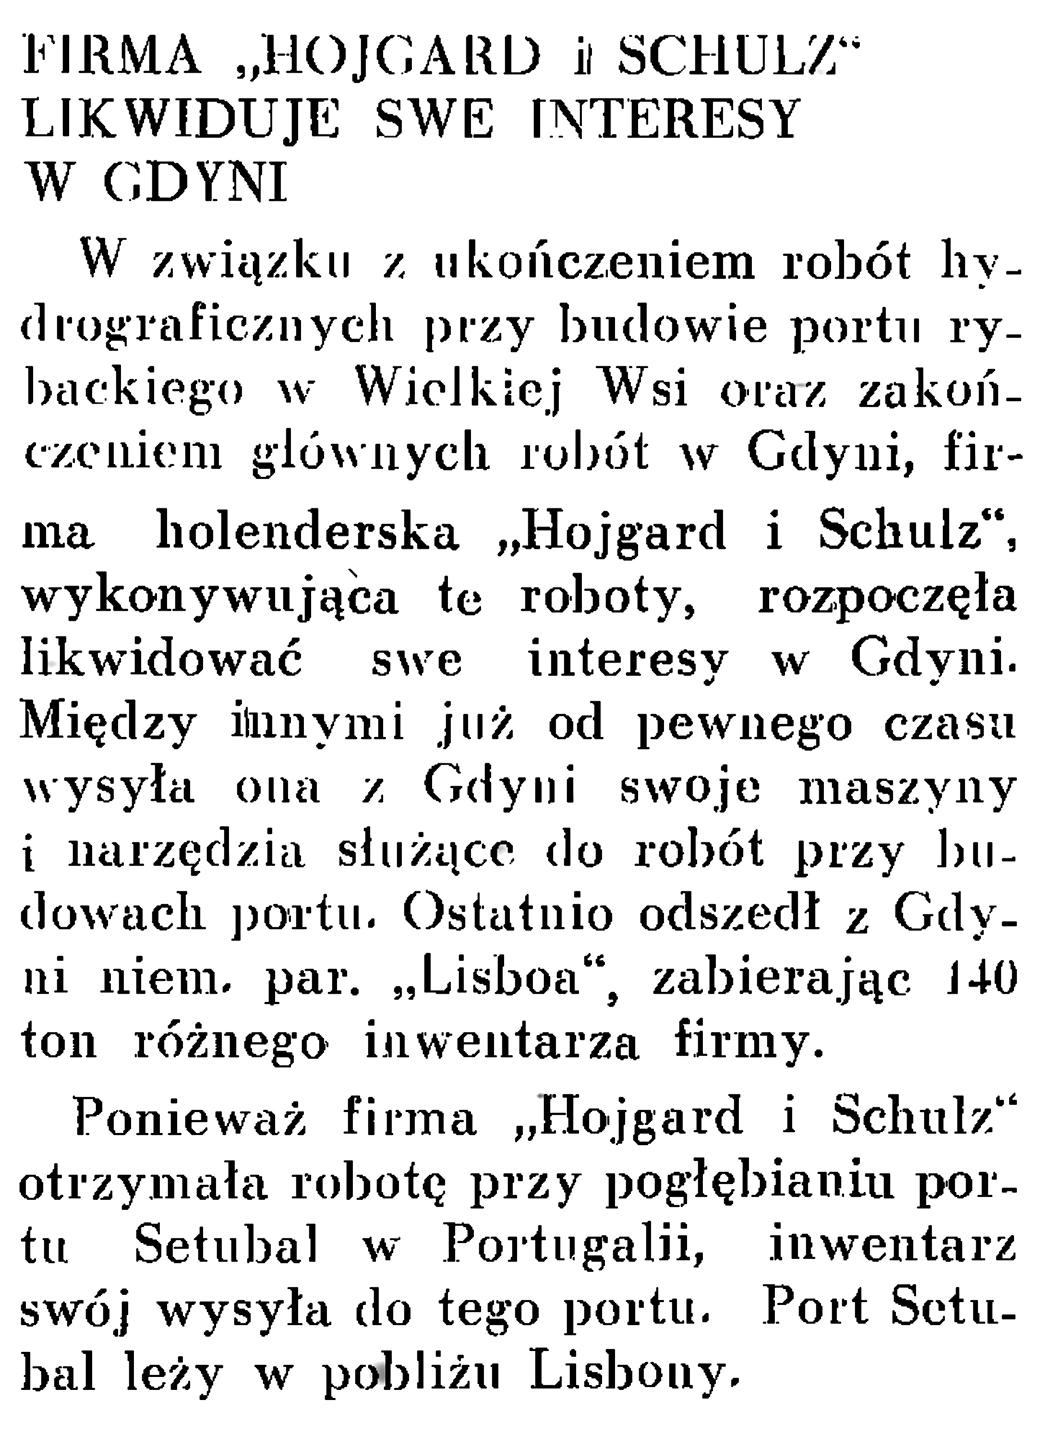 """Firma """"Hojgard i Schulz"""" likwiduje swe interesy w Gdyni // Wiadomości Portu Gdyńskiego. - 1937, nr 12, s. 18"""